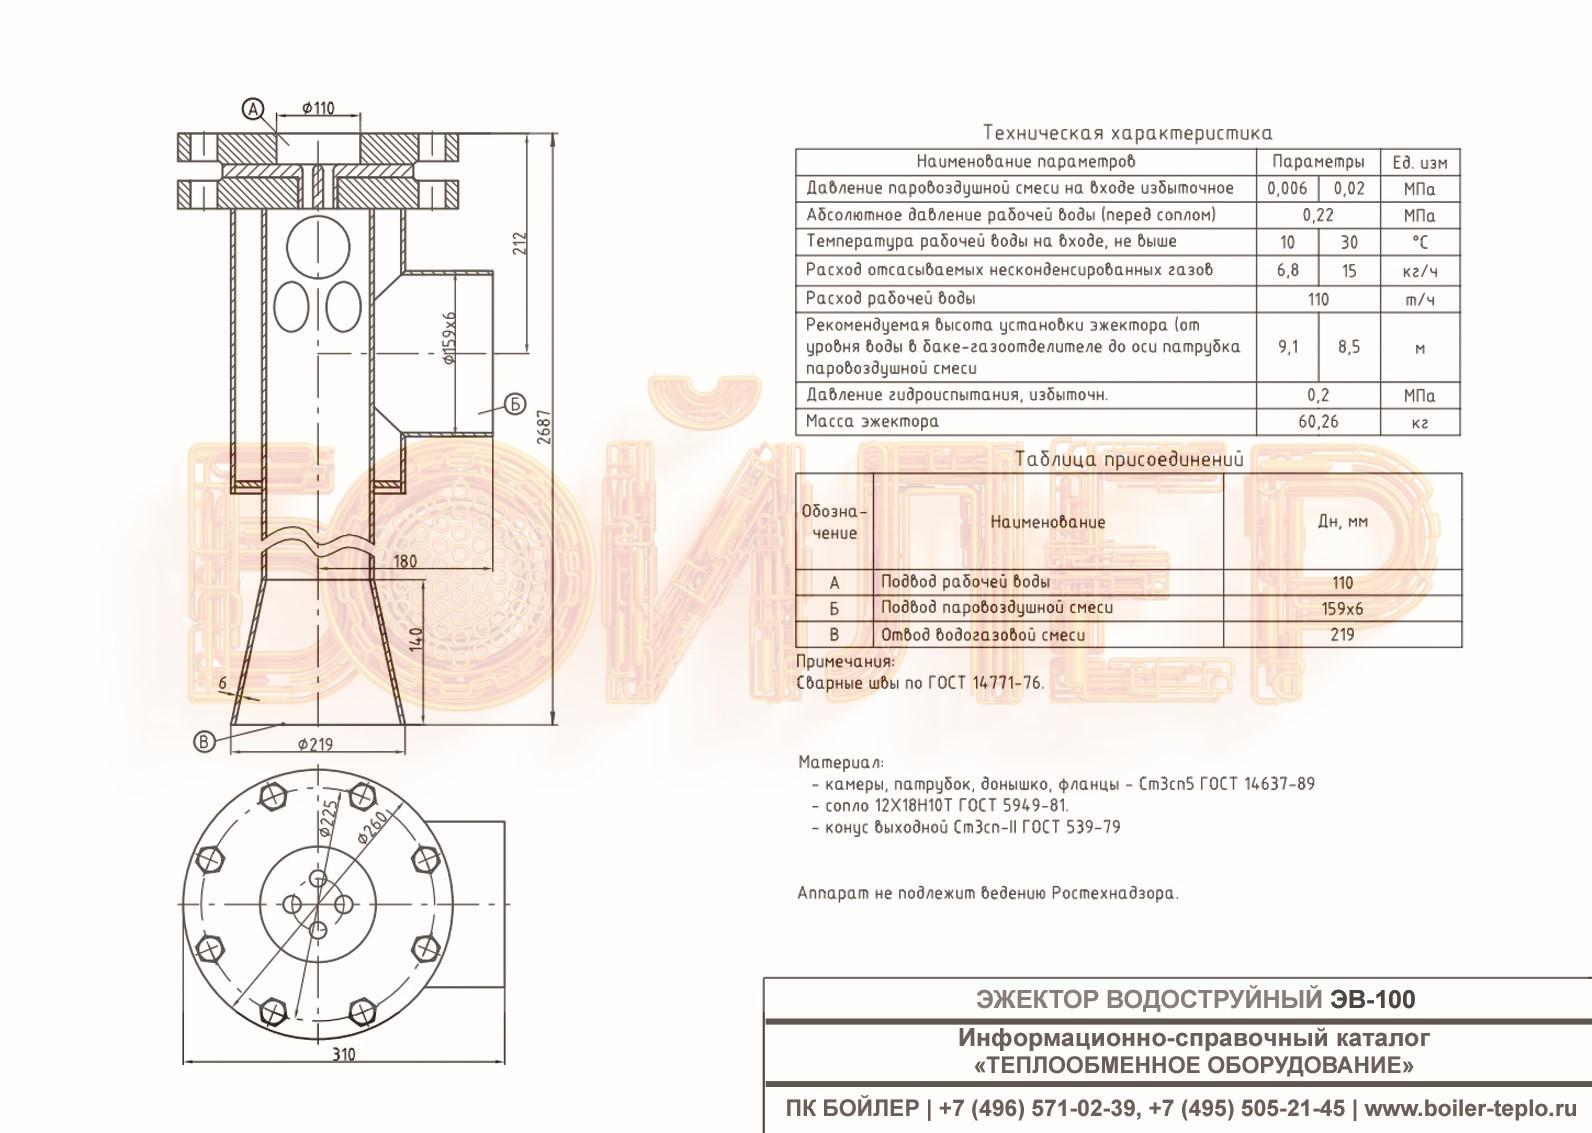 Пароводяной подогреватель ПП 2-9-7-2 Электросталь Кожухотрубный испаритель ONDA LSE 530 Канск